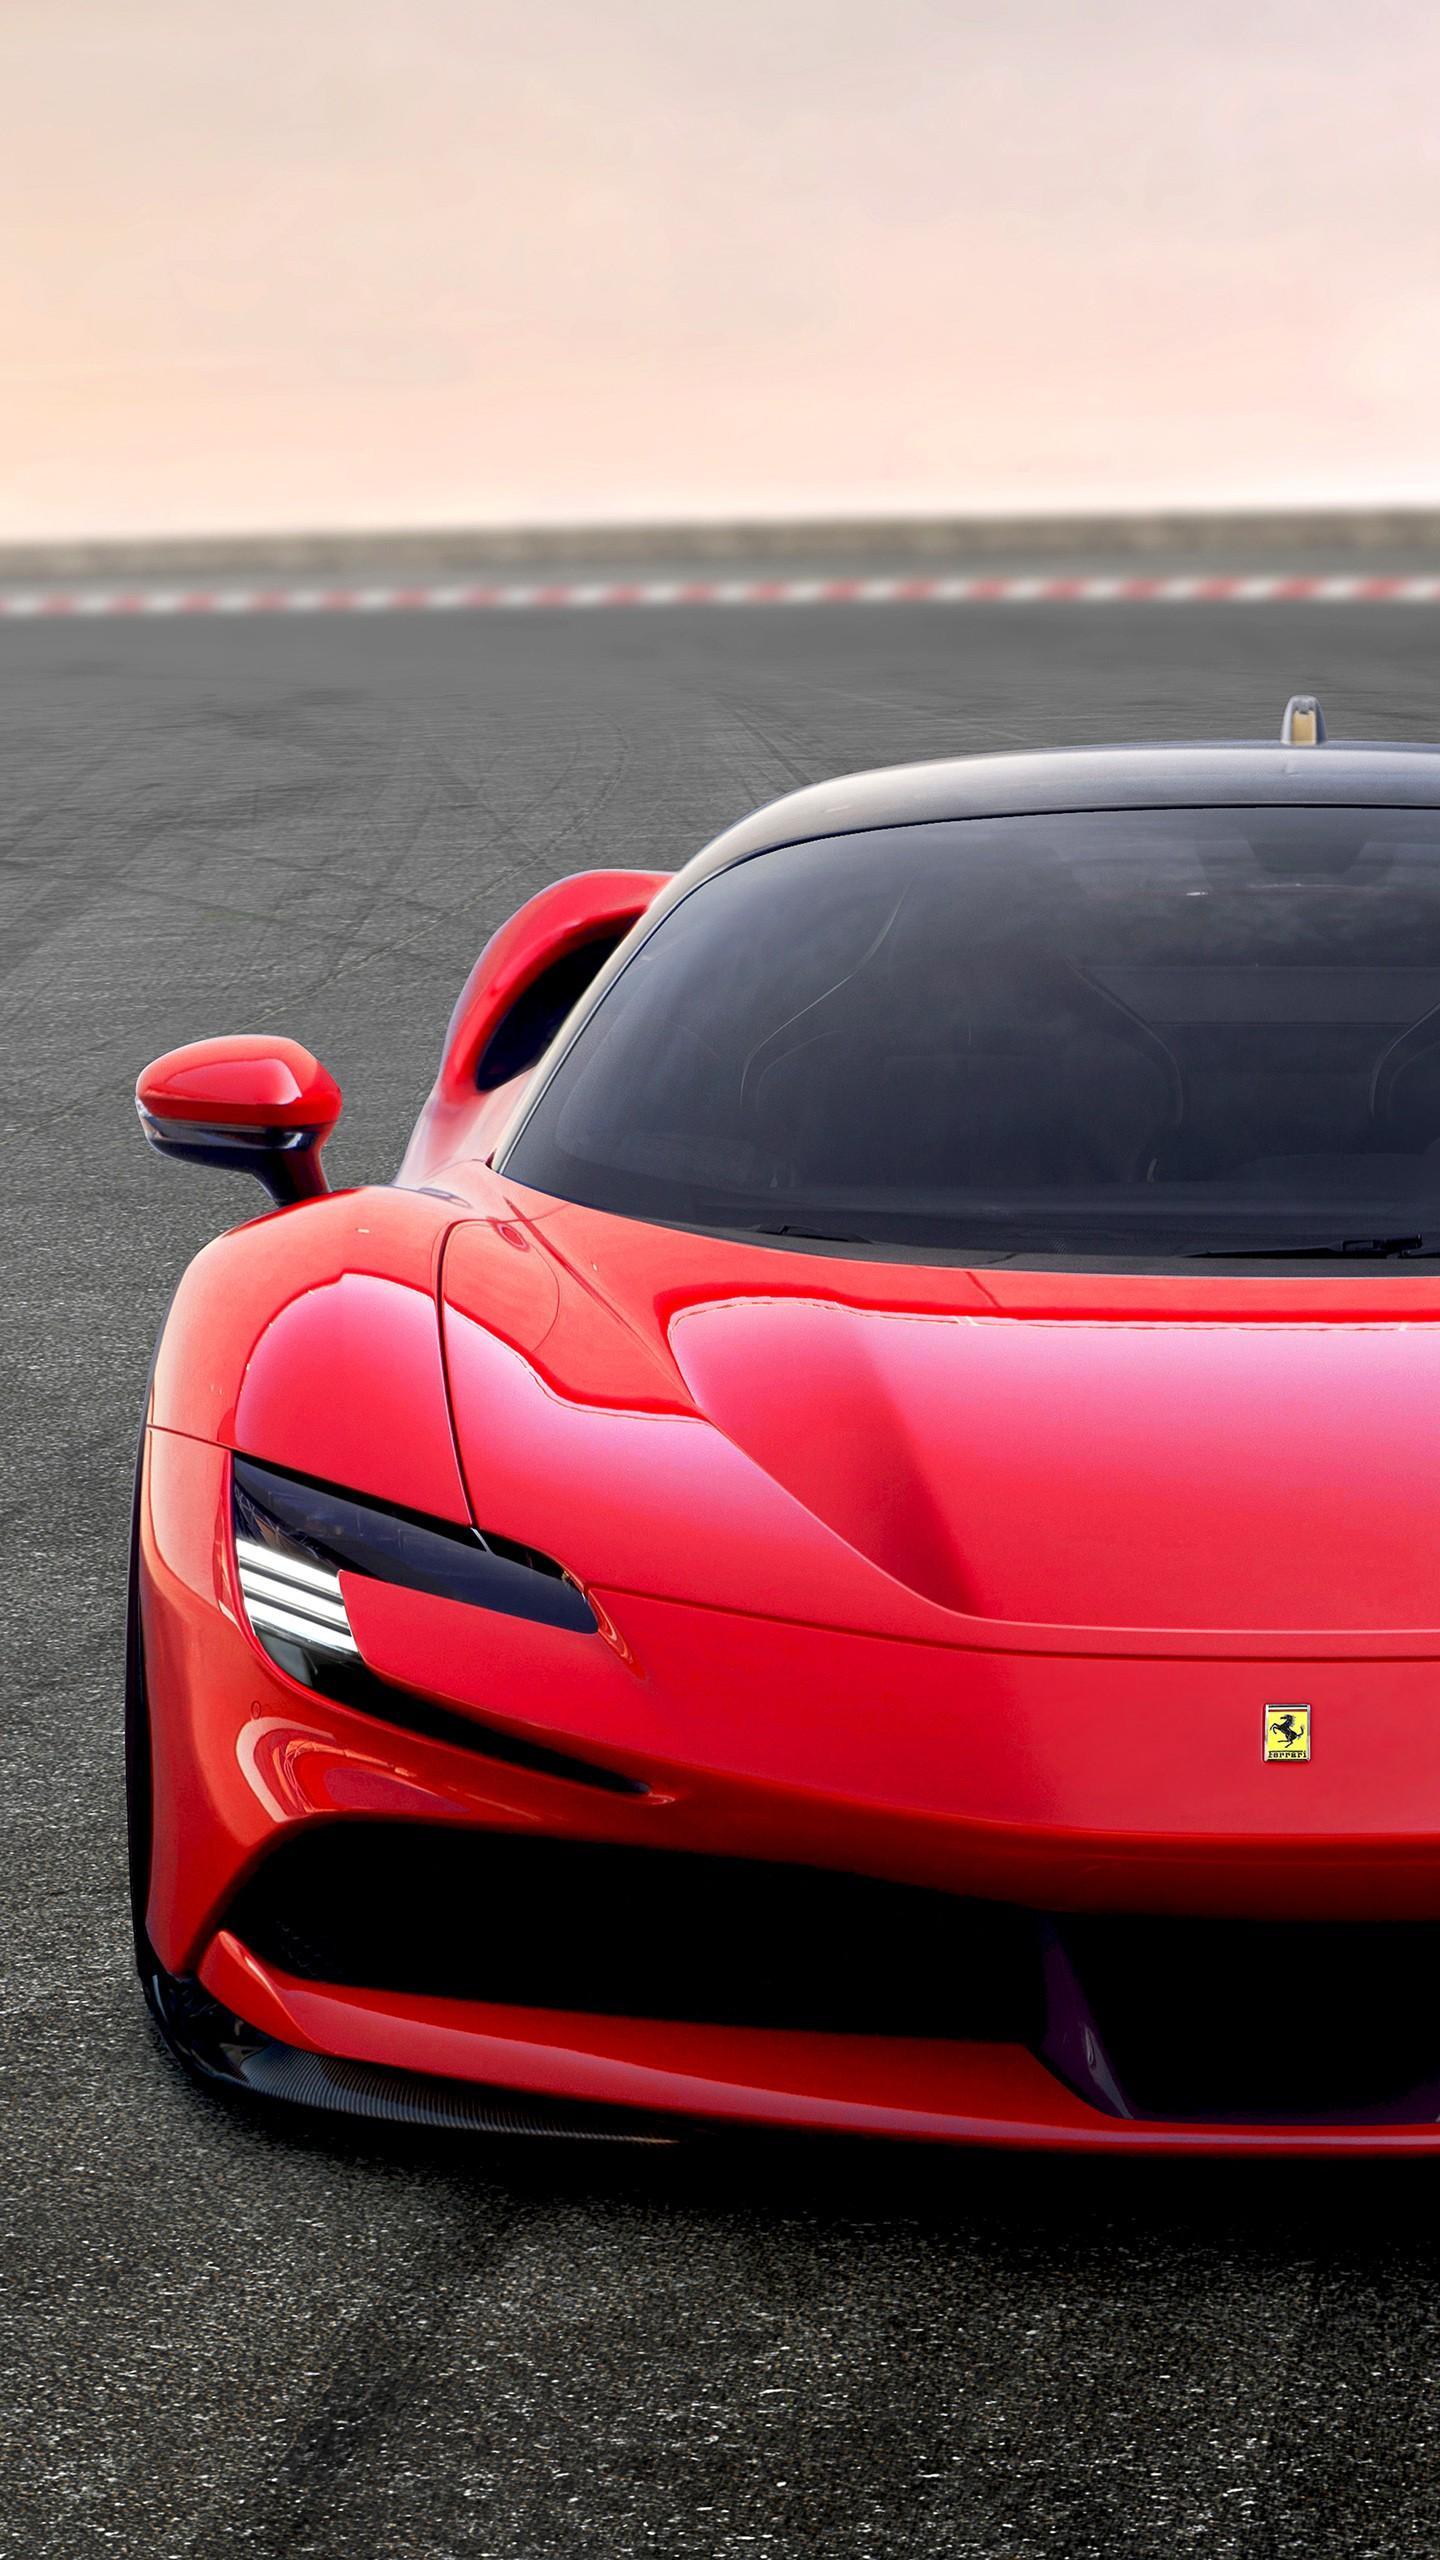 Ferrari F8 Wallpapers Wallpaper Cave